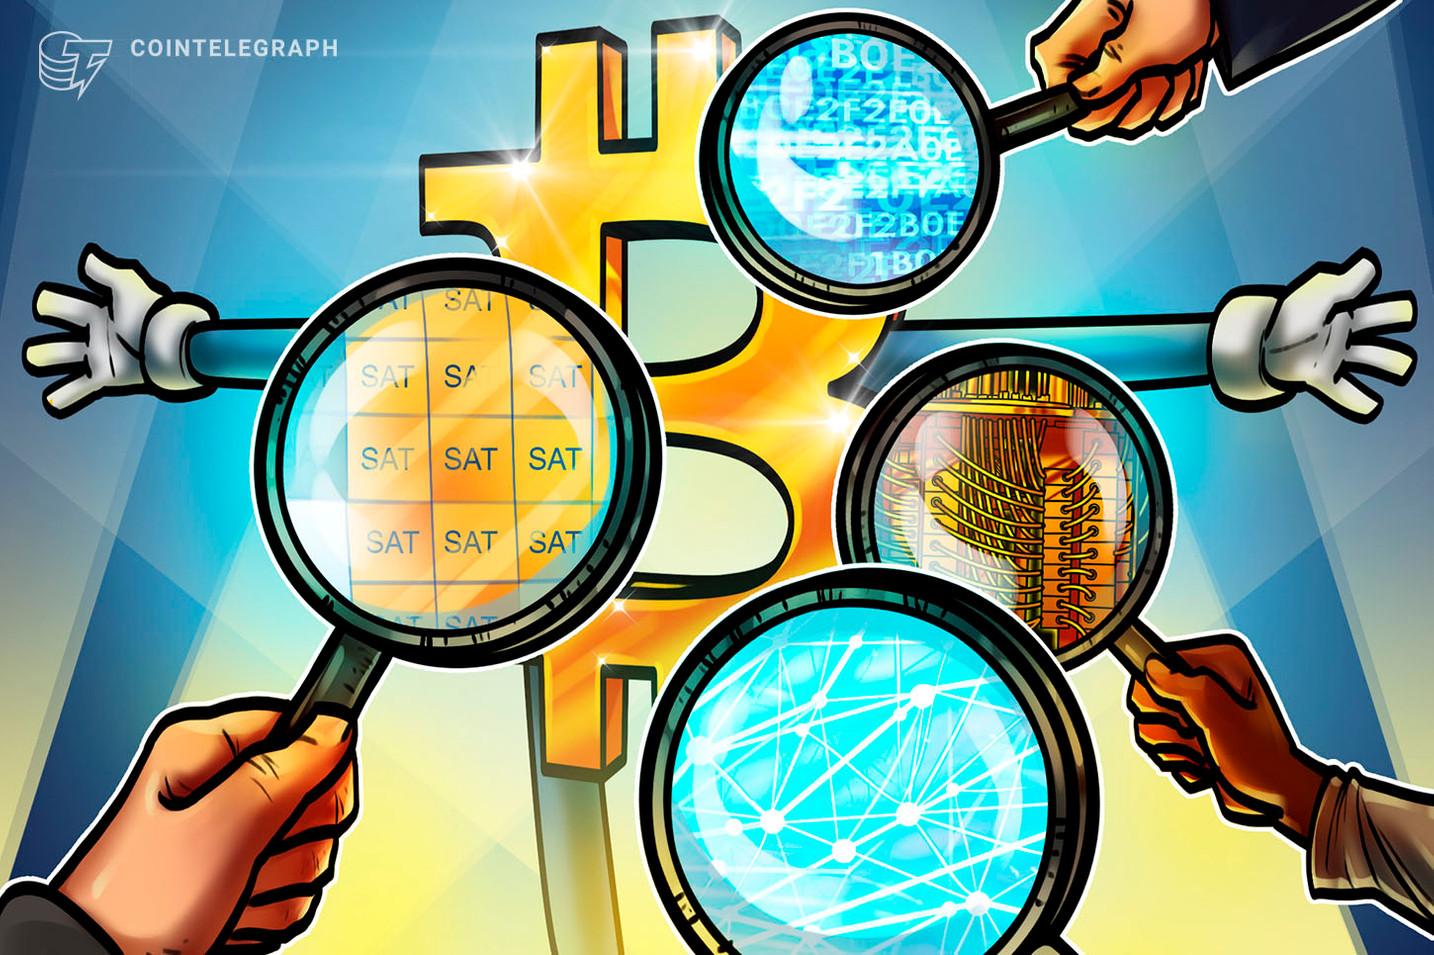 Giá Bitcoin $ 31.5 nghìn đang theo dõi vào cuối tuần thấp nhất của năm 2021